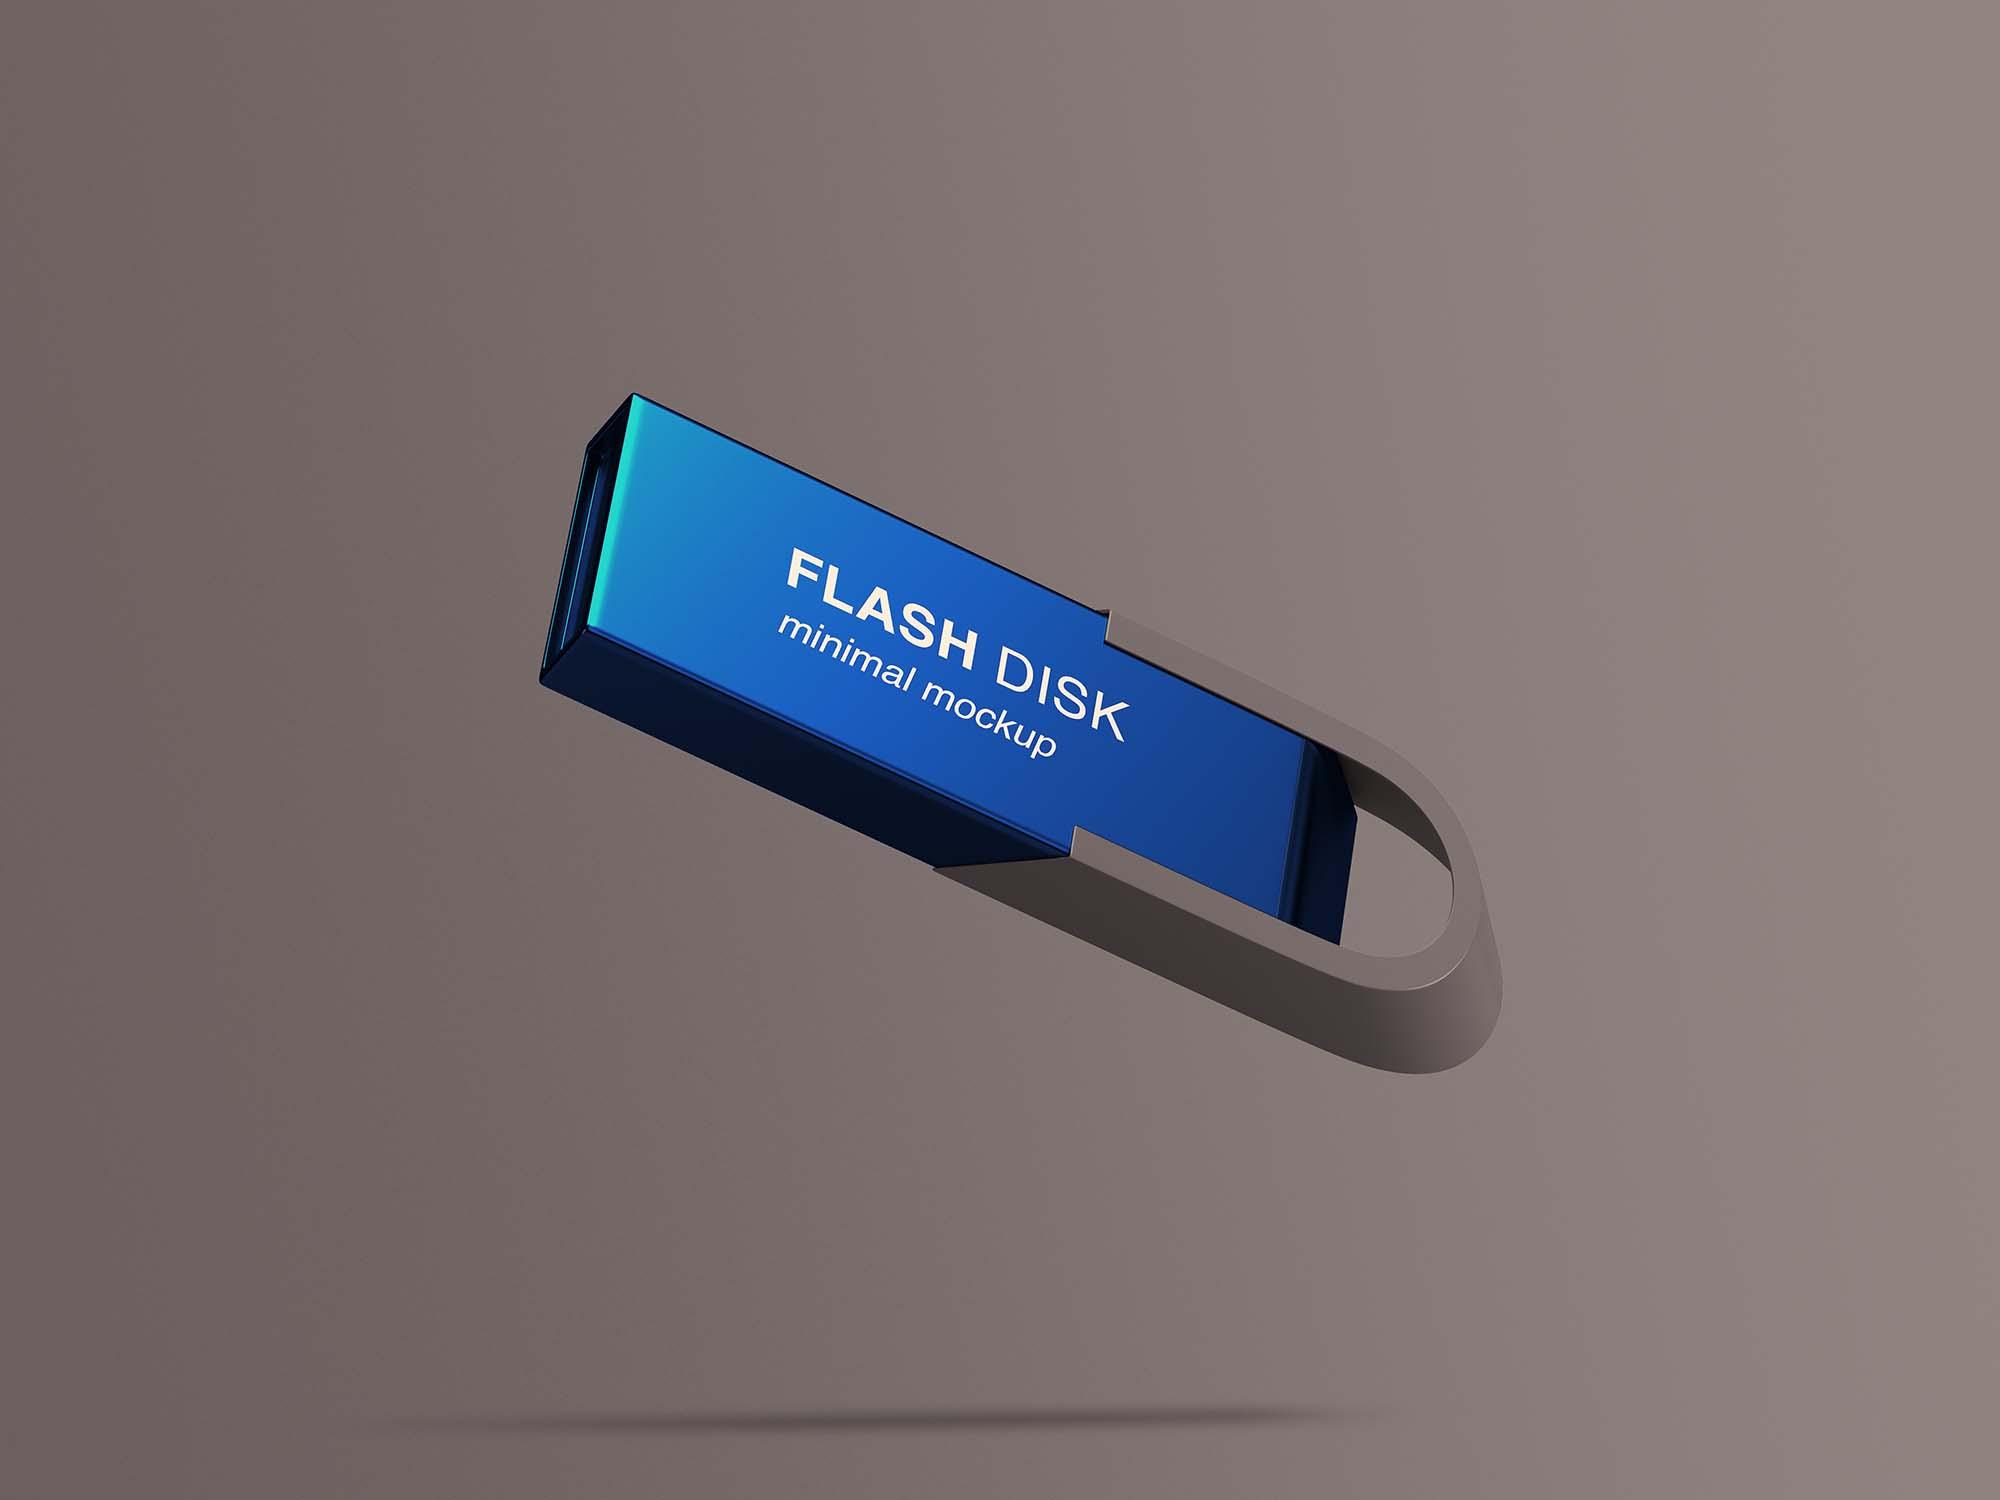 Flying Flash Disk Mockup PSD